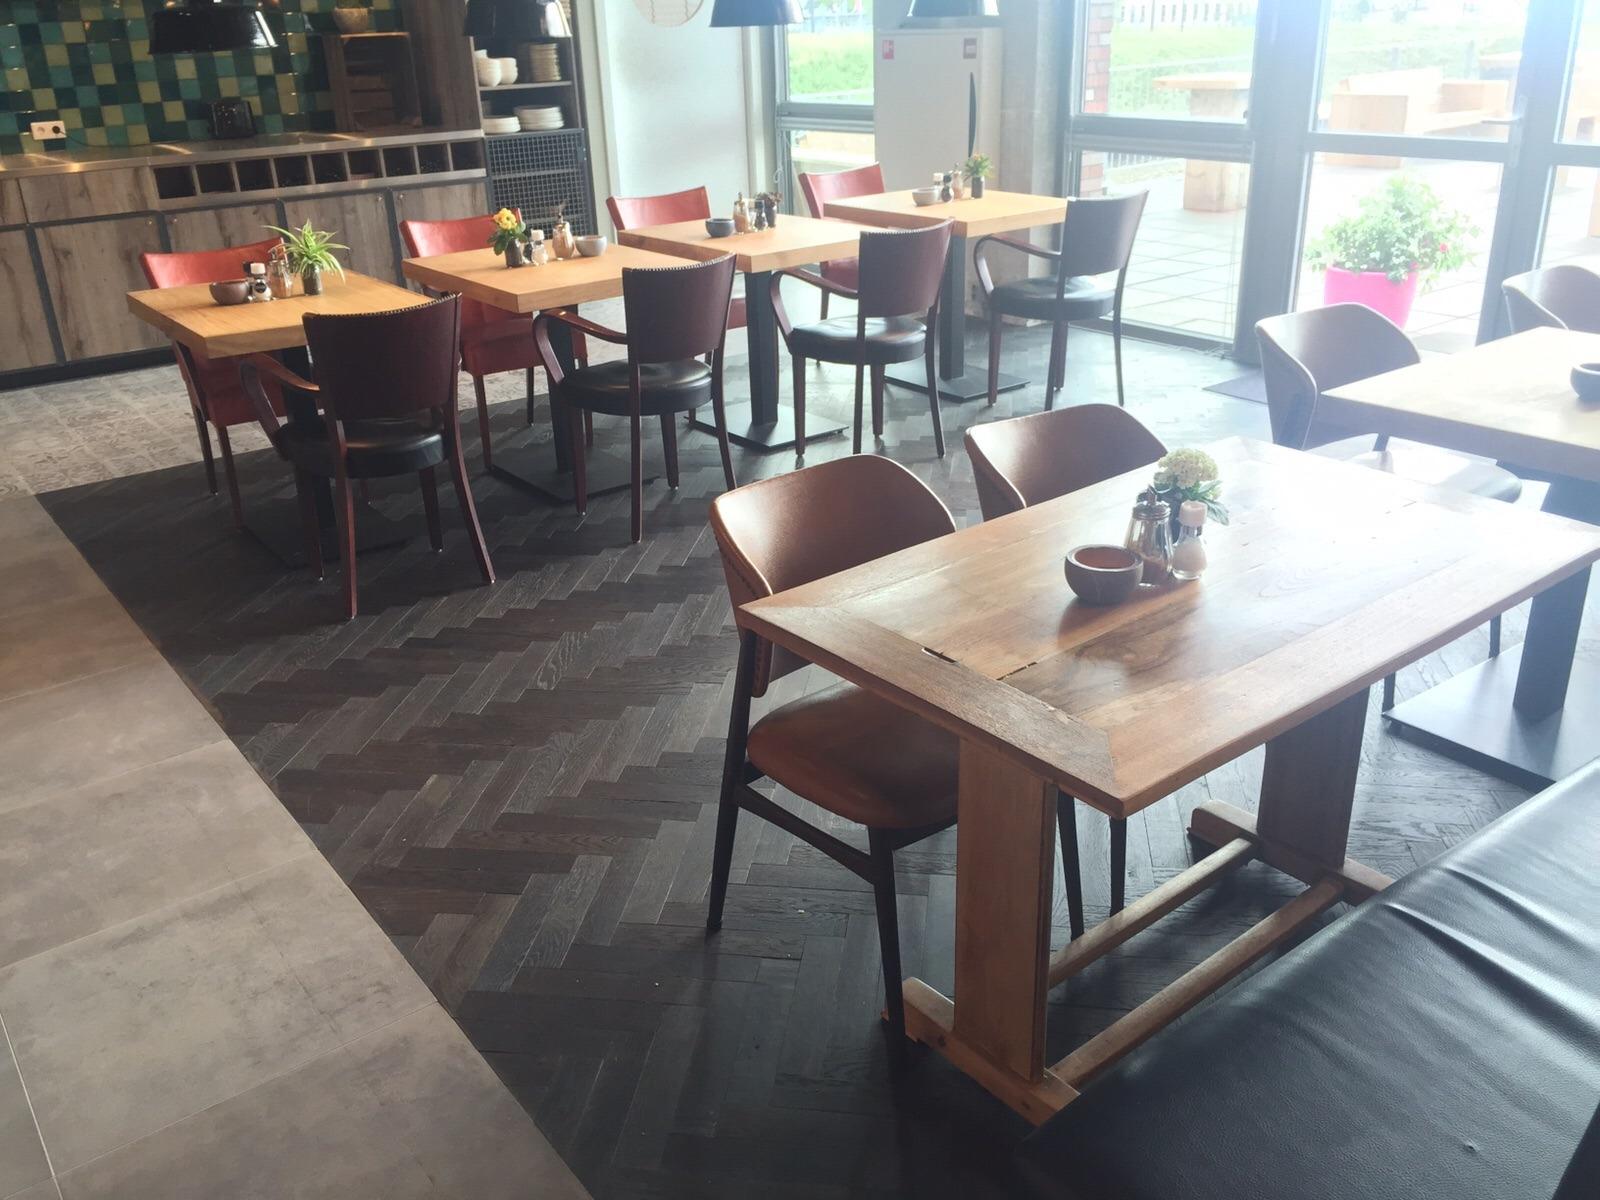 Goedkope Vloeren Amsterdam : Goedkope visgraatvloer amsterdam visgraatvloer